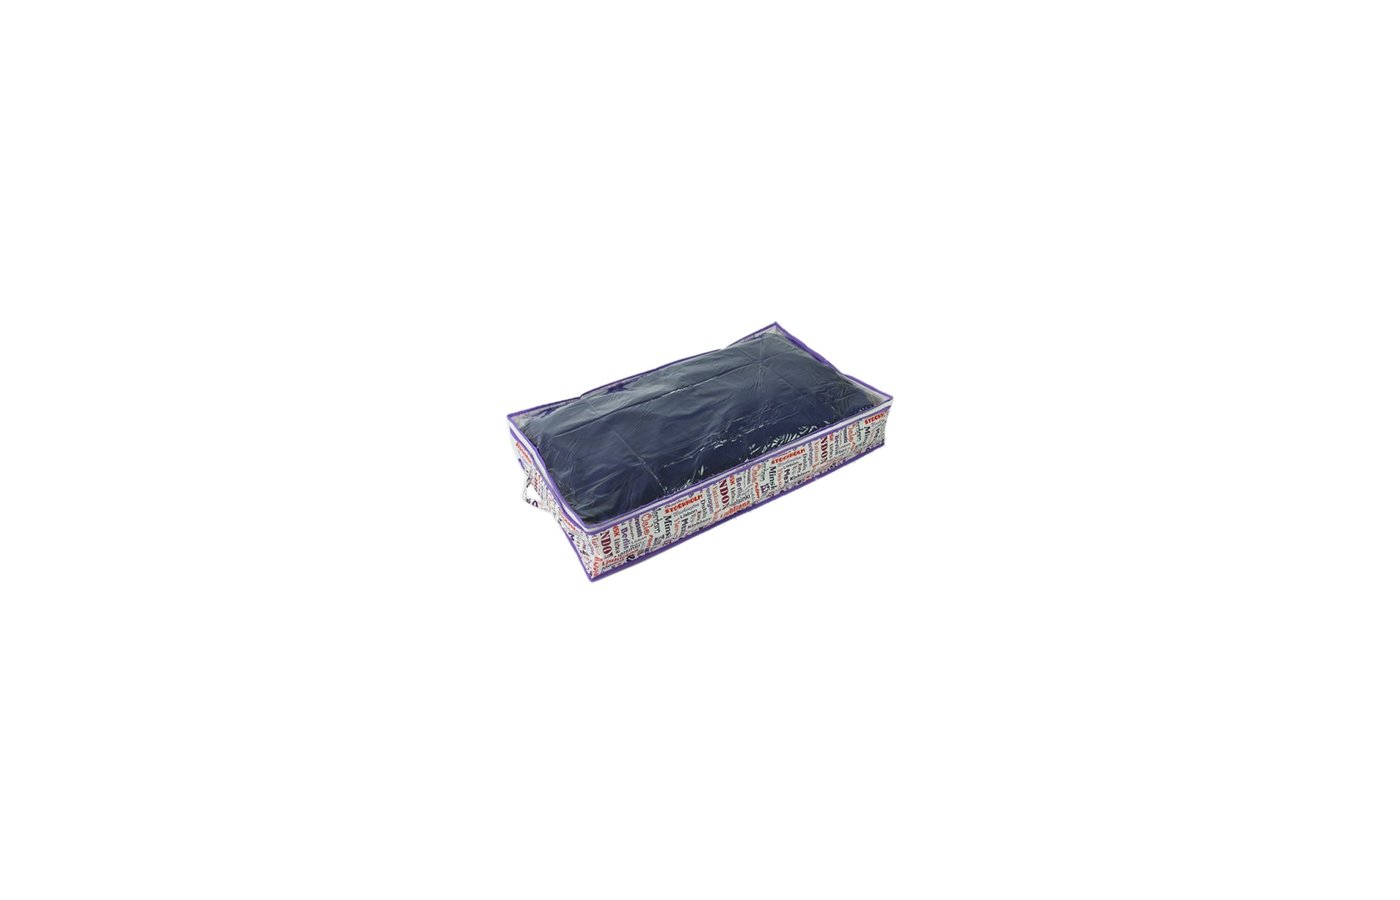 Емкости для хранения одежды VETTA 457-161 City Чехол-кофр для хранения подушек и одеял влагостойкий 80x45x15см